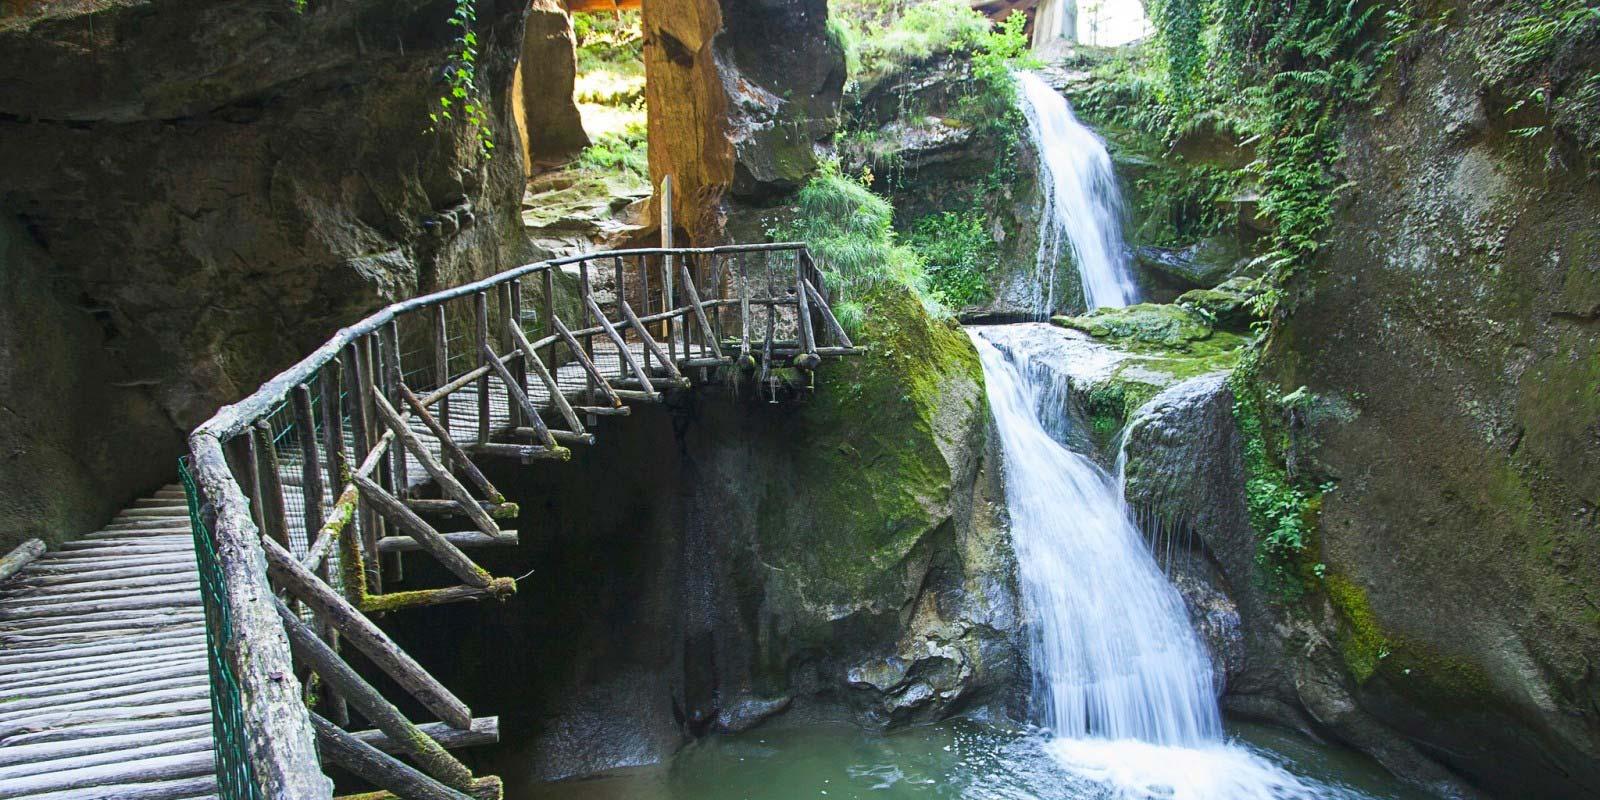 Grotte del Caglieron | Ristorante Alle Grotte Da Nereo